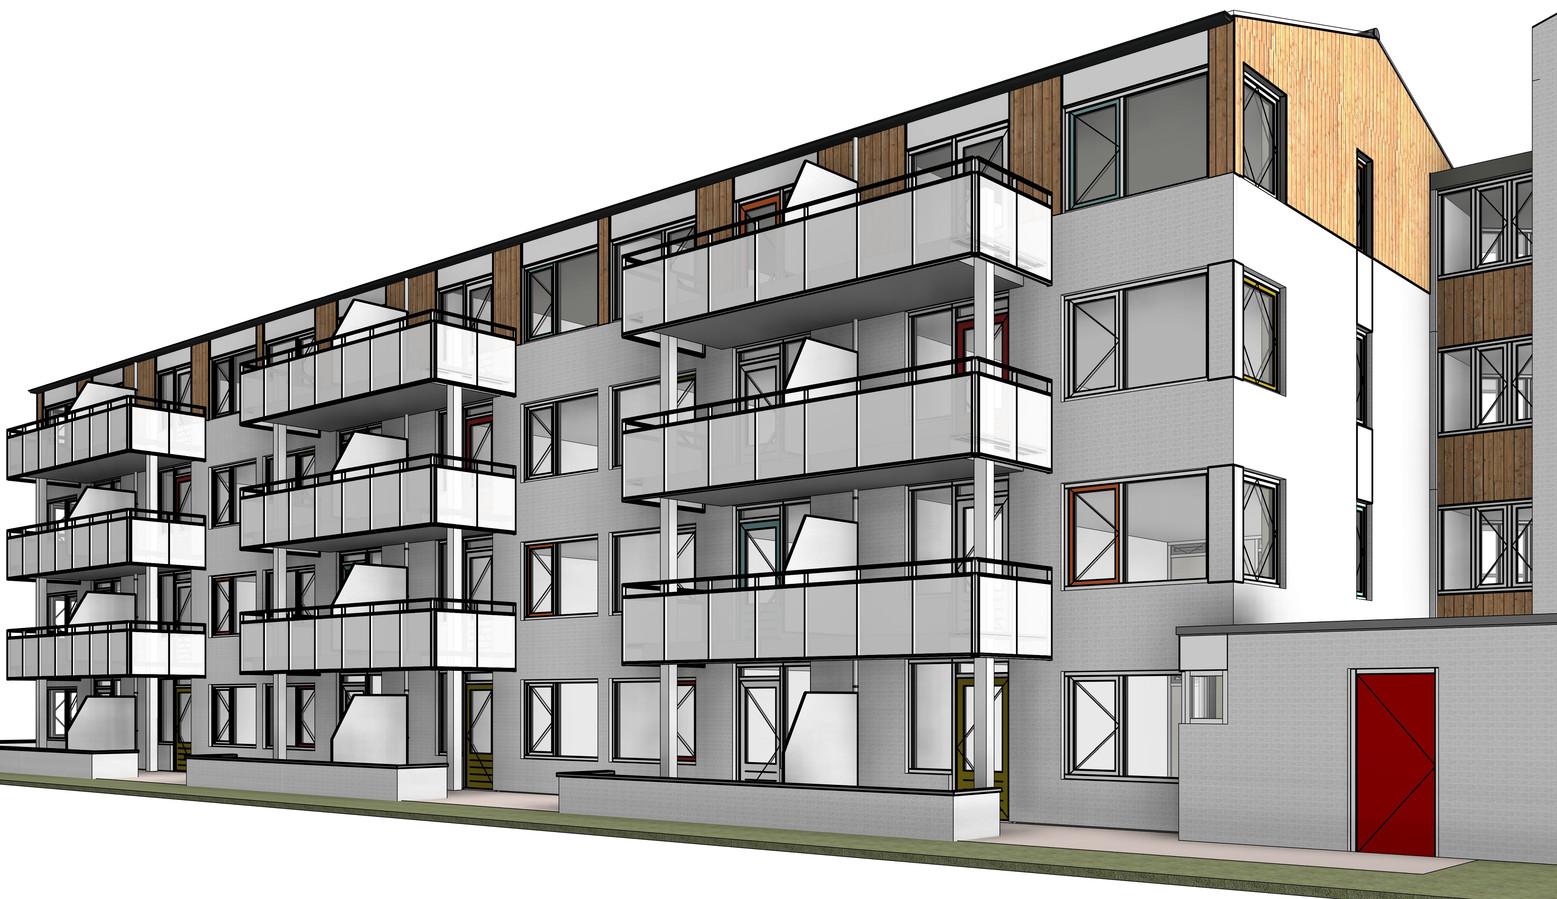 Indruk van het nieuwe uiterlijk van appartementengebouw De Waaij in Wijchen.